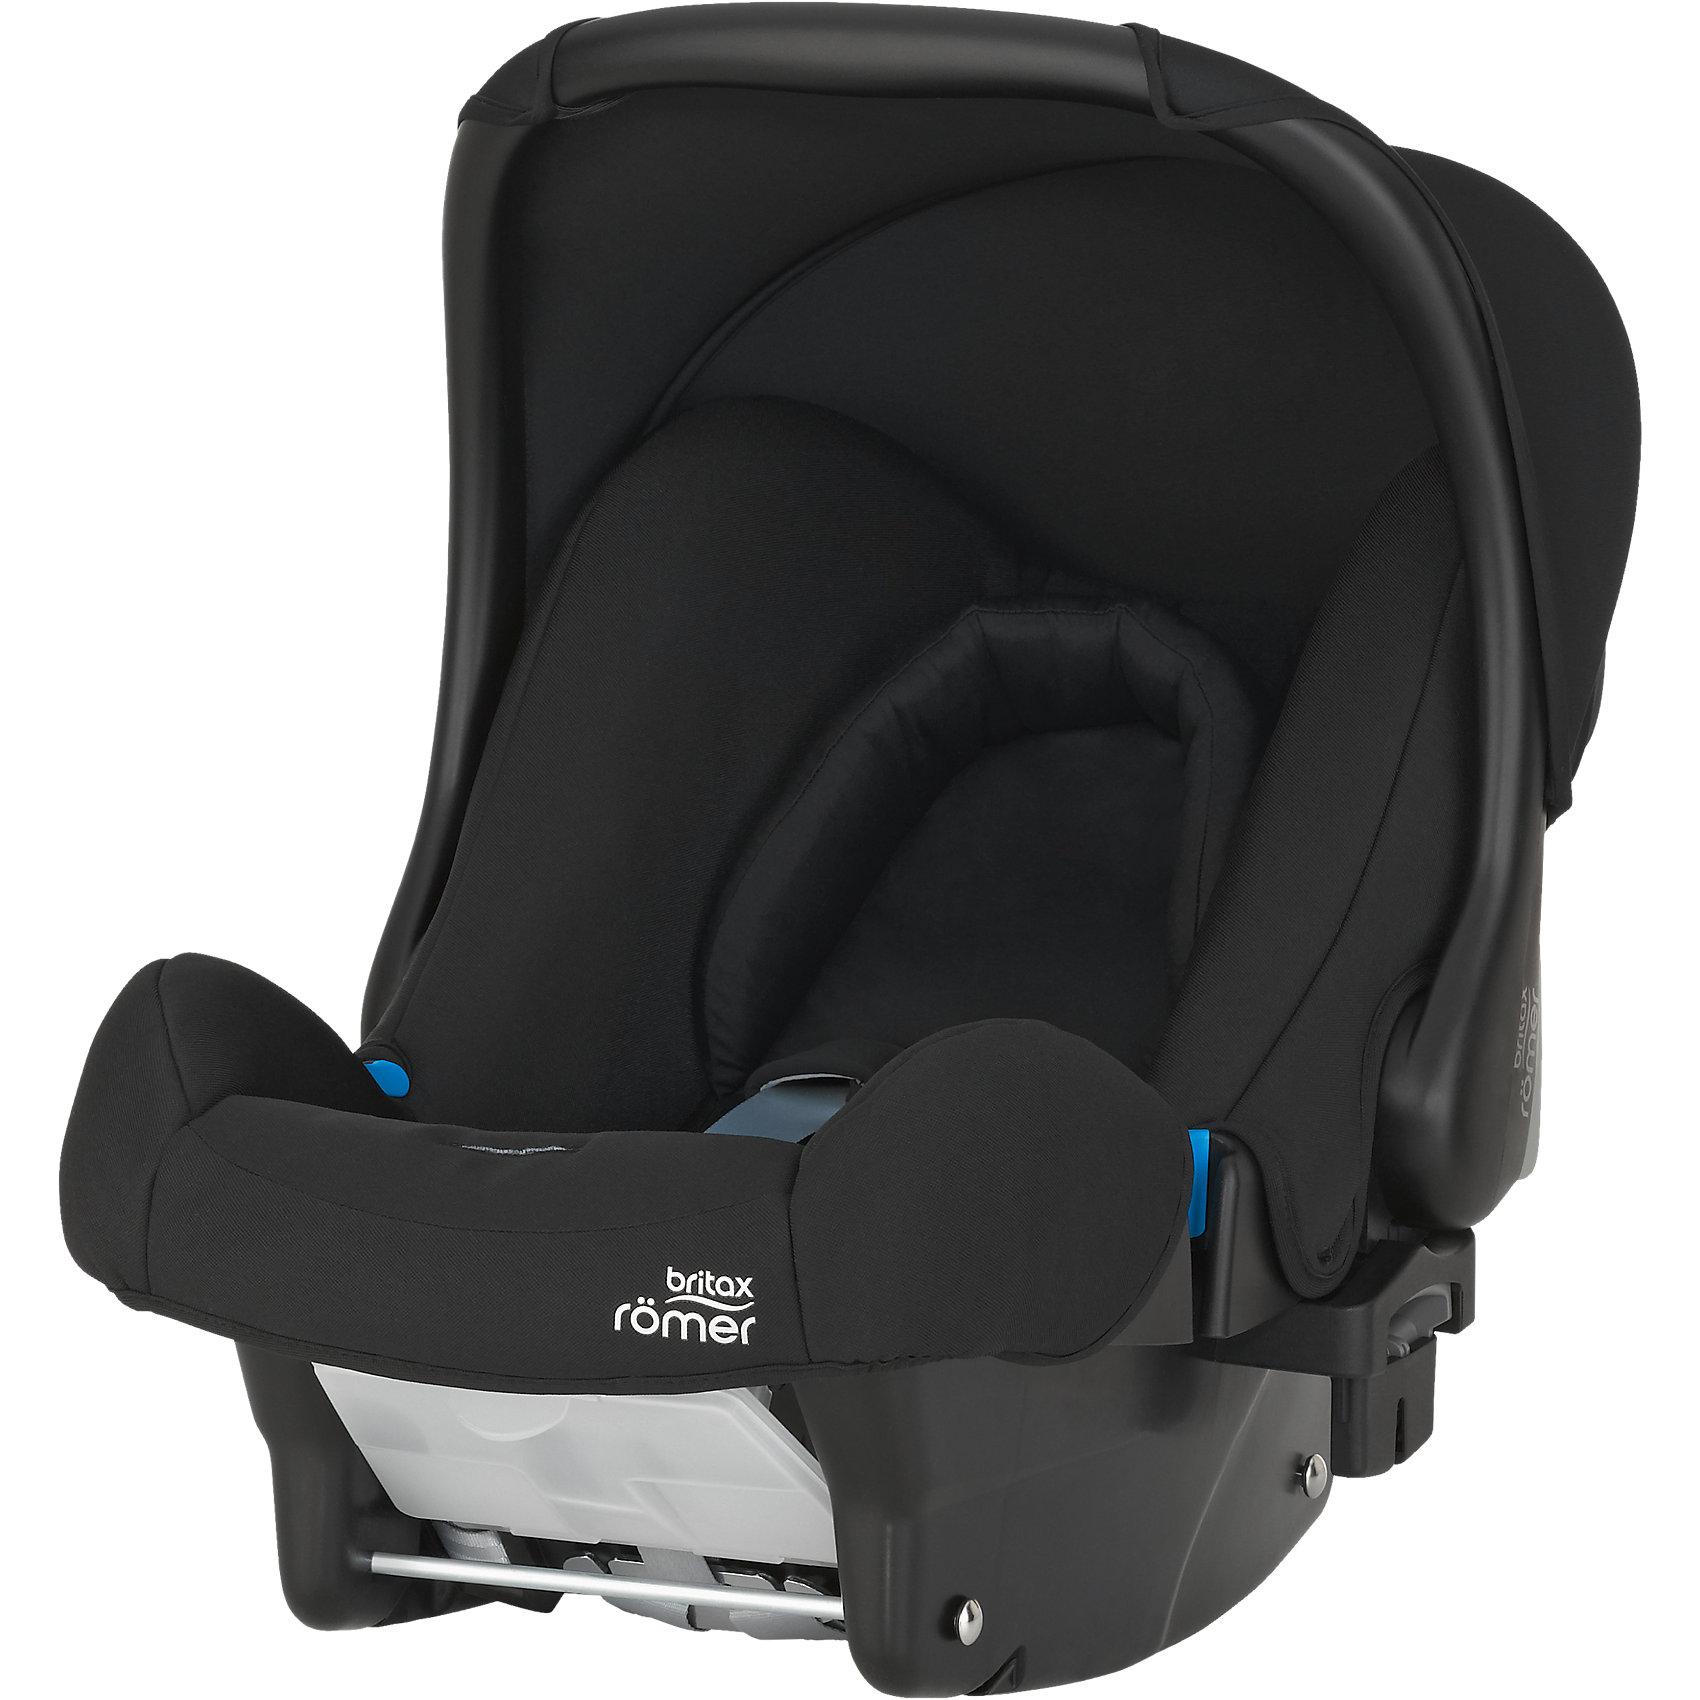 Автокресло Britax Romer Baby-Safe, 0-13 кг, Cosmos BlackГруппа 0+ (До 13 кг)<br>Автокресло Baby-Safe, 0-13 кг.,Britax R?mer, Cosmos Black<br>Автолюлька предназначена для детей с рождения до 12-15 месяцев (до 13 кг), когда ребенка необходимо перевозить спиной вперед. Люлька снабжена высокими боковинами и глубоким ложем с вставкой-подголовником для головы малыша, что обеспечивает наилучшую защиту.<br><br>Автолюлька крепится штатными ремнями безопасности автомобиля, а также может устанавливаться на специальную ременную базу Britax Roemer Belted Base, которая также крепится штатными ремнями, или на базу с креплением Isofix - Britax Roemer Isofix base, которая упрощает процесс установки и способствует еще большей безопасности.<br><br>Материалы отделки состоят из хлопковой материи и близкой к ней по качеству воздухопроницаемой синтетики.<br><br>Ширина мм: 700<br>Глубина мм: 450<br>Высота мм: 420<br>Вес г: 5390<br>Цвет: черный<br>Возраст от месяцев: 0<br>Возраст до месяцев: 12<br>Пол: Унисекс<br>Возраст: Детский<br>SKU: 5016570